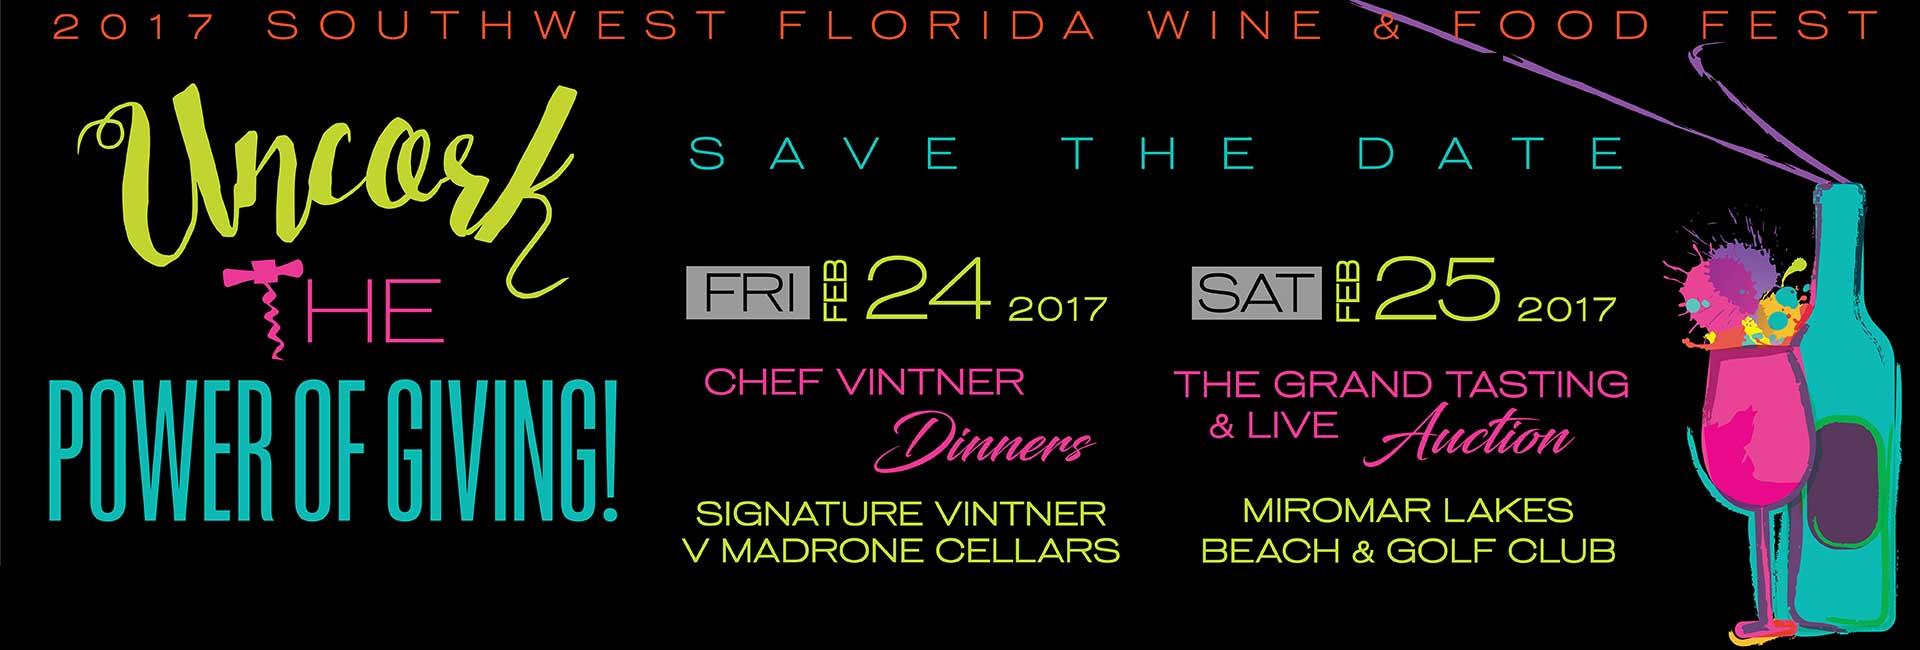 Wine & Food Fest Details